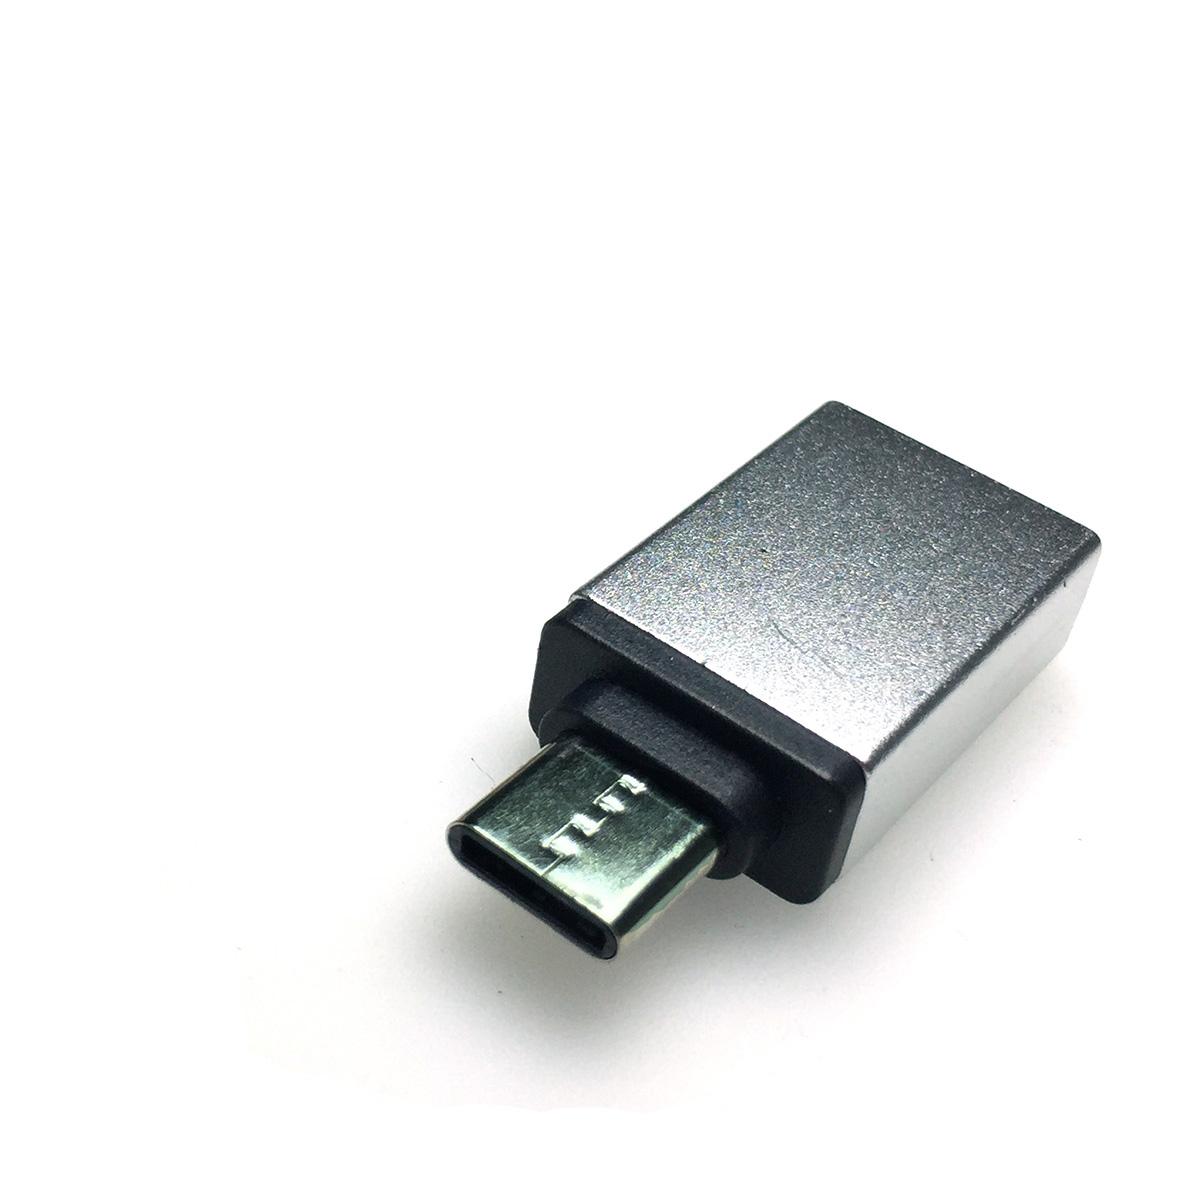 Переходник USB 3.1 type C male to USB 3.0 type A female OTG Espada EtyC3.0F